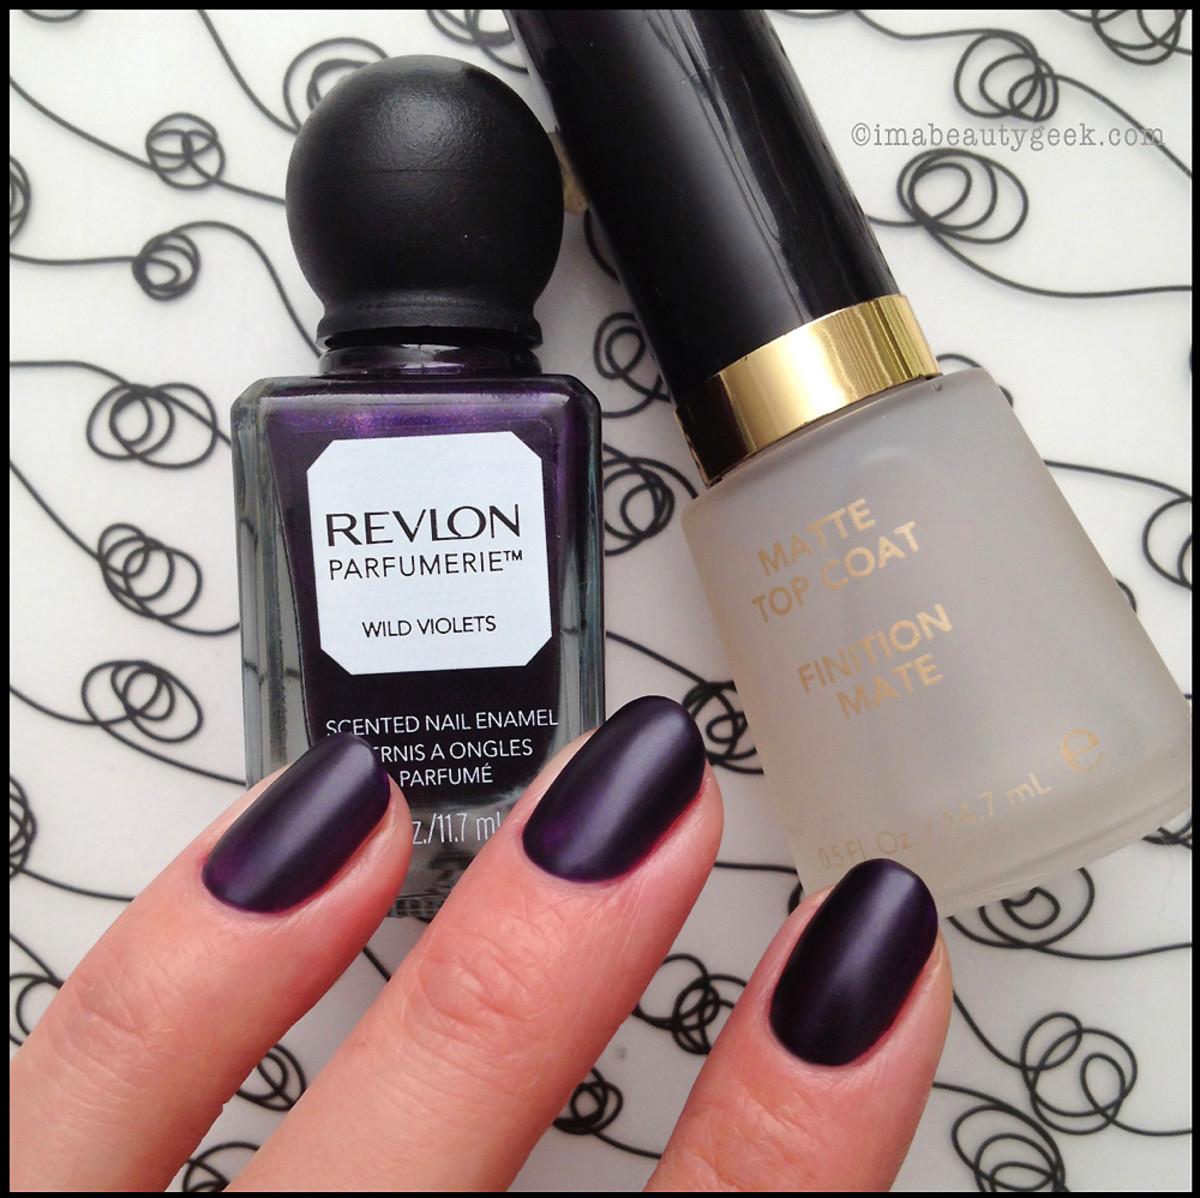 Revlon Parfumerie Wild Violets Matte